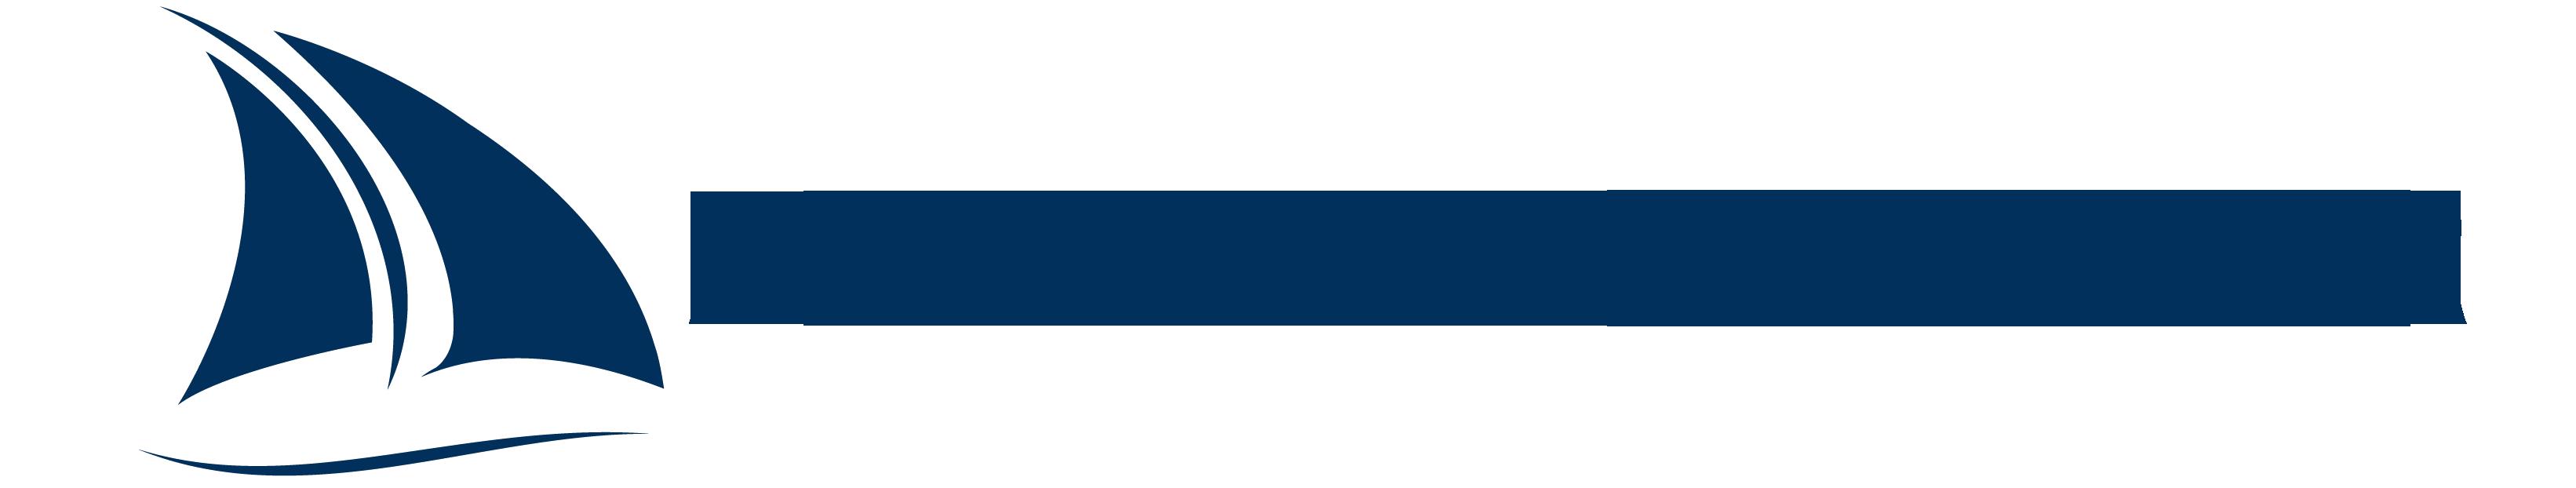 Havalimanı Transfer - VIP Vito Kiralama - Vito Gelin Arabası - Aden VIP Transfer